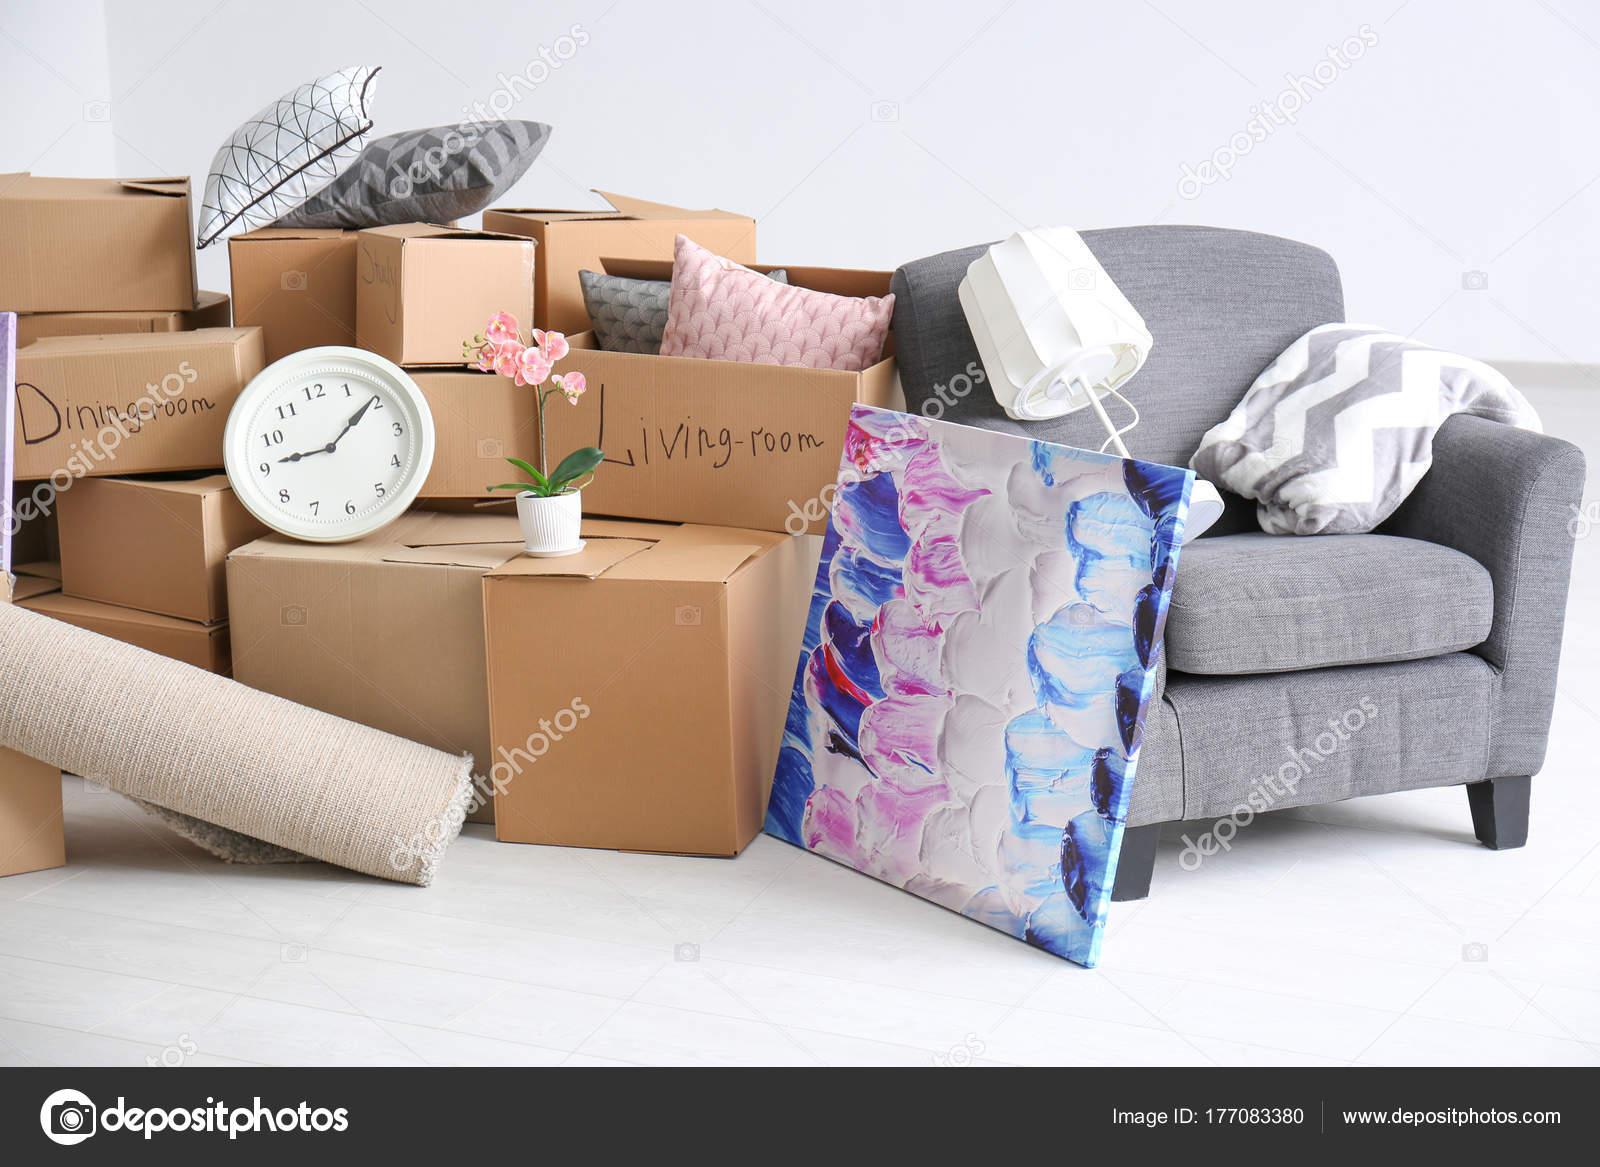 Kartons mit Sachen im Zimmer. Bewegliche Haus Konzept — Stockfoto ...